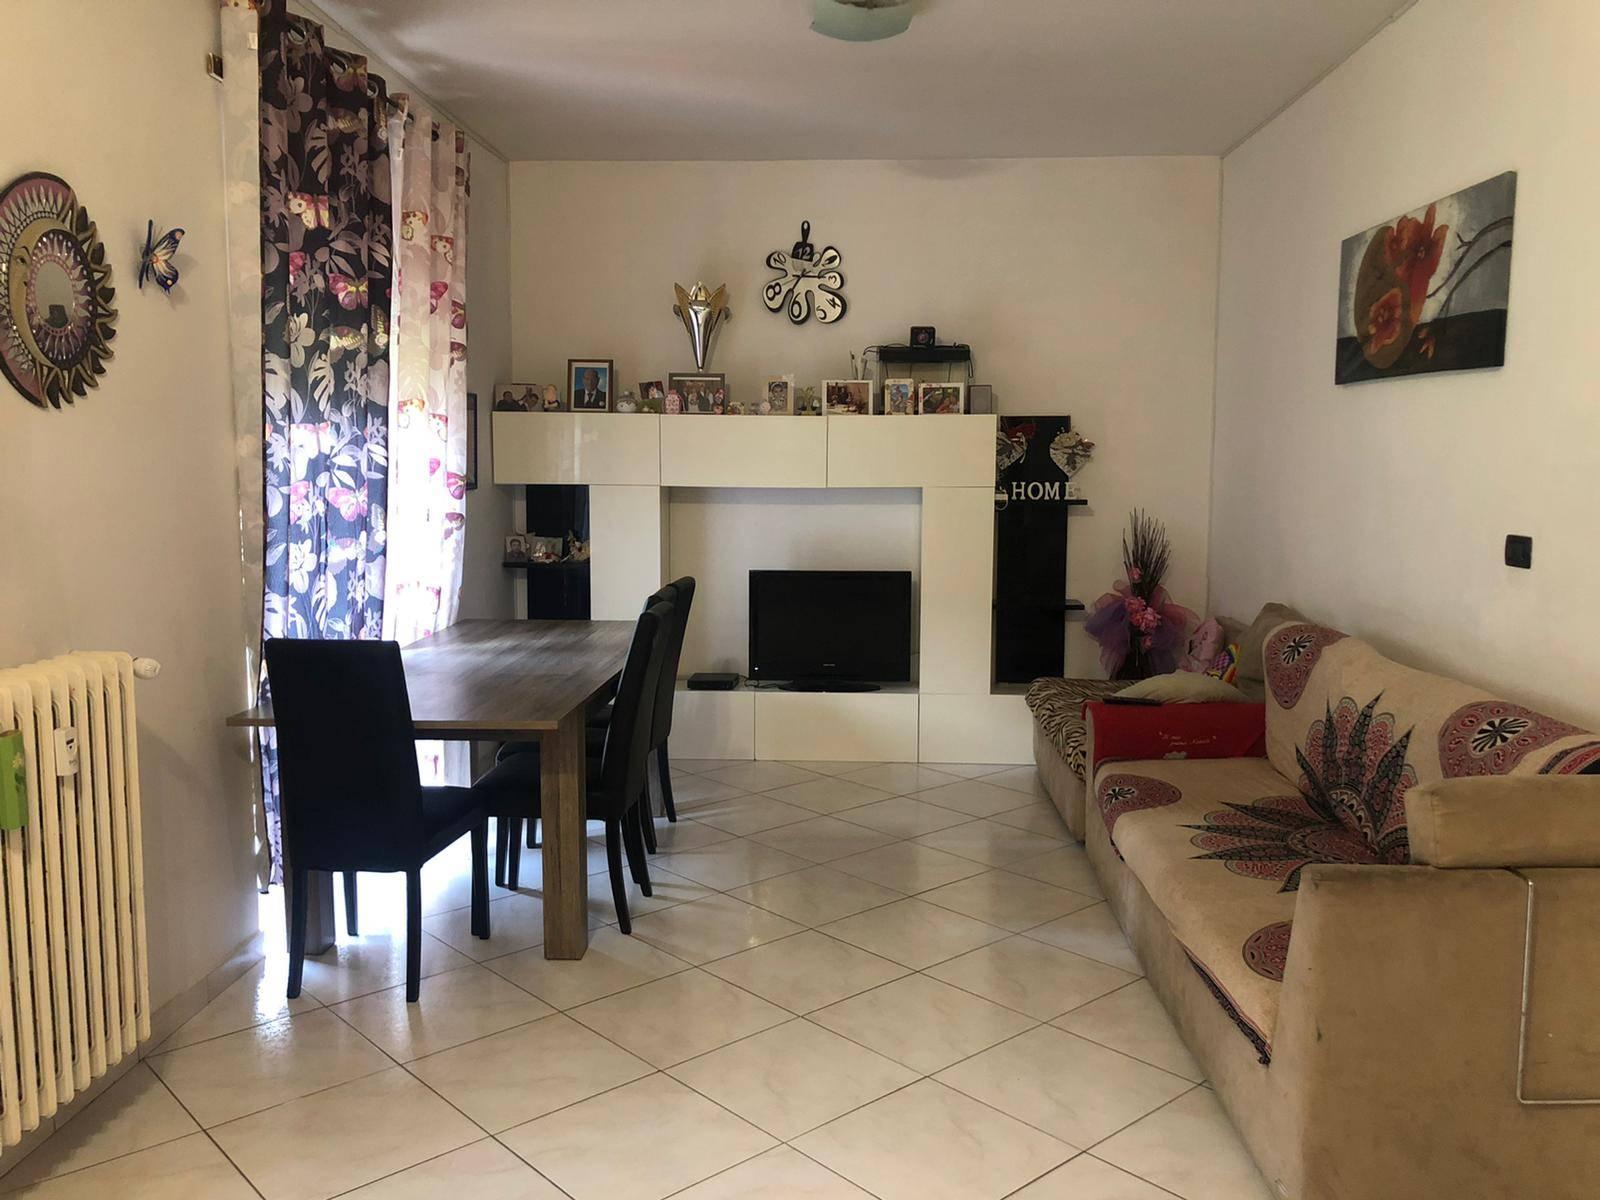 Caprie (TO): Appartamento 4 locali, 100 mq. c.a. Box e cantina